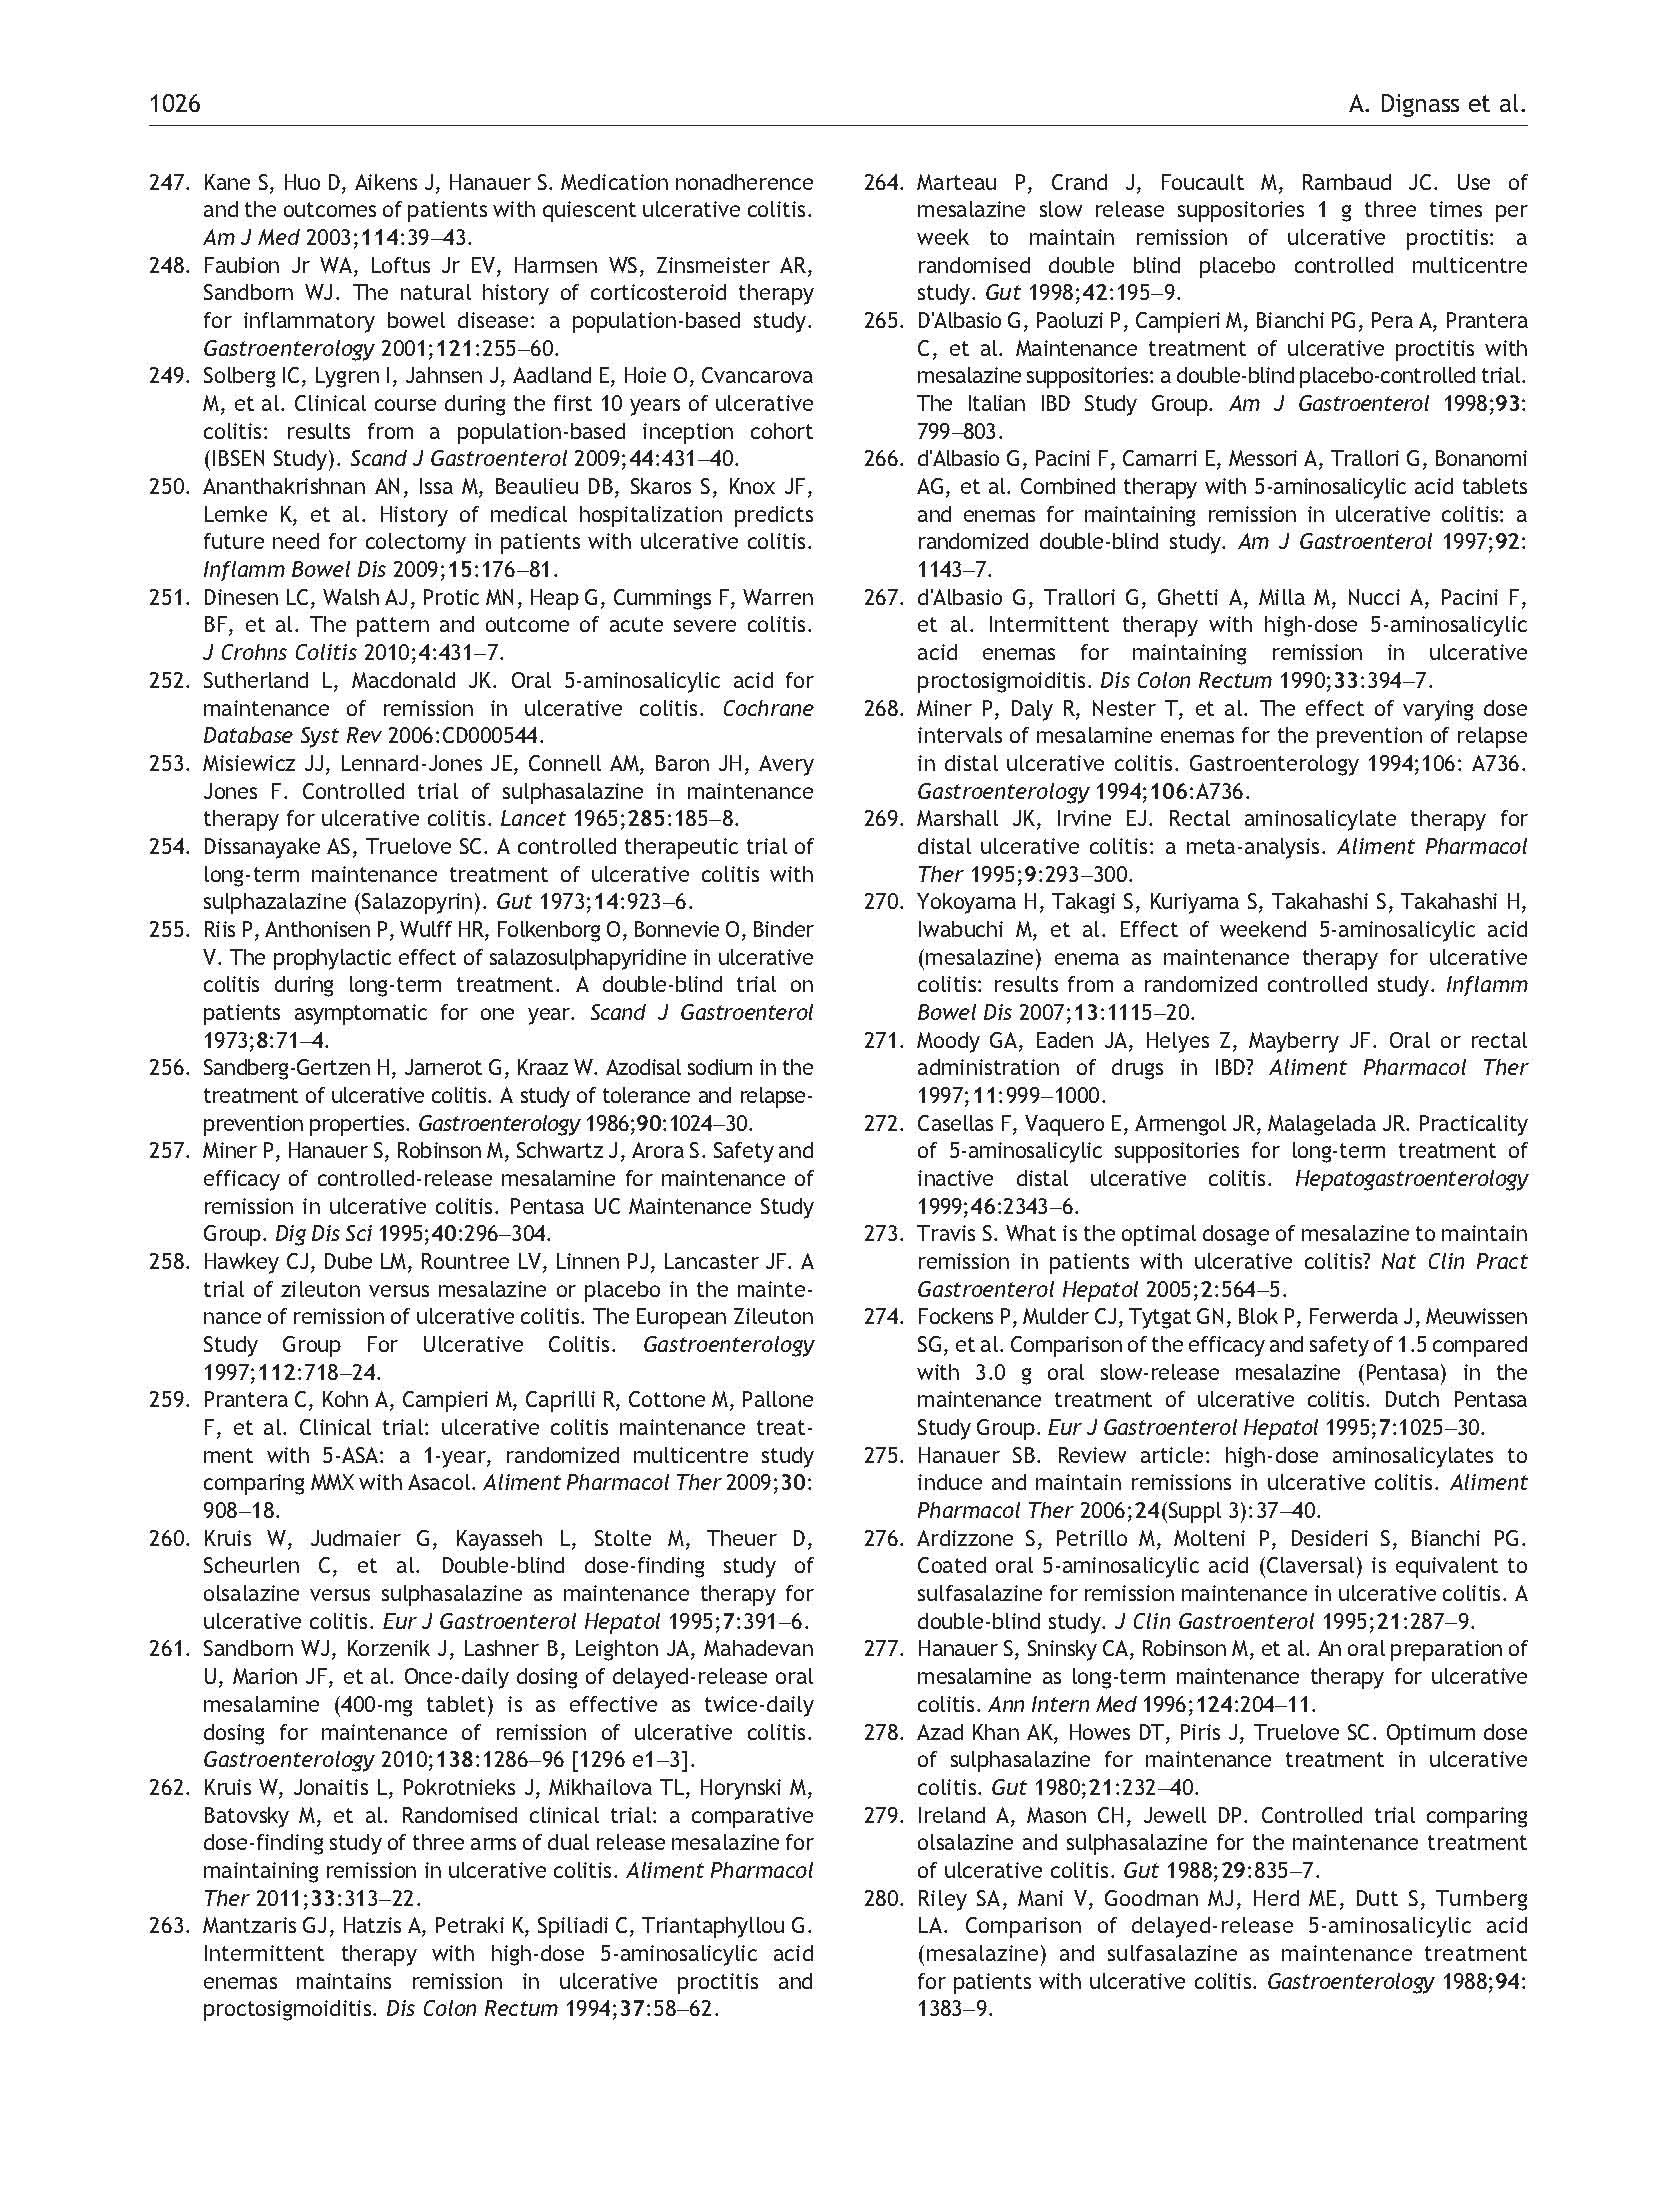 2012-ECCO第二版-欧洲询证共识:溃疡性结肠炎的诊断和处理—日常处理_页面_36.jpg